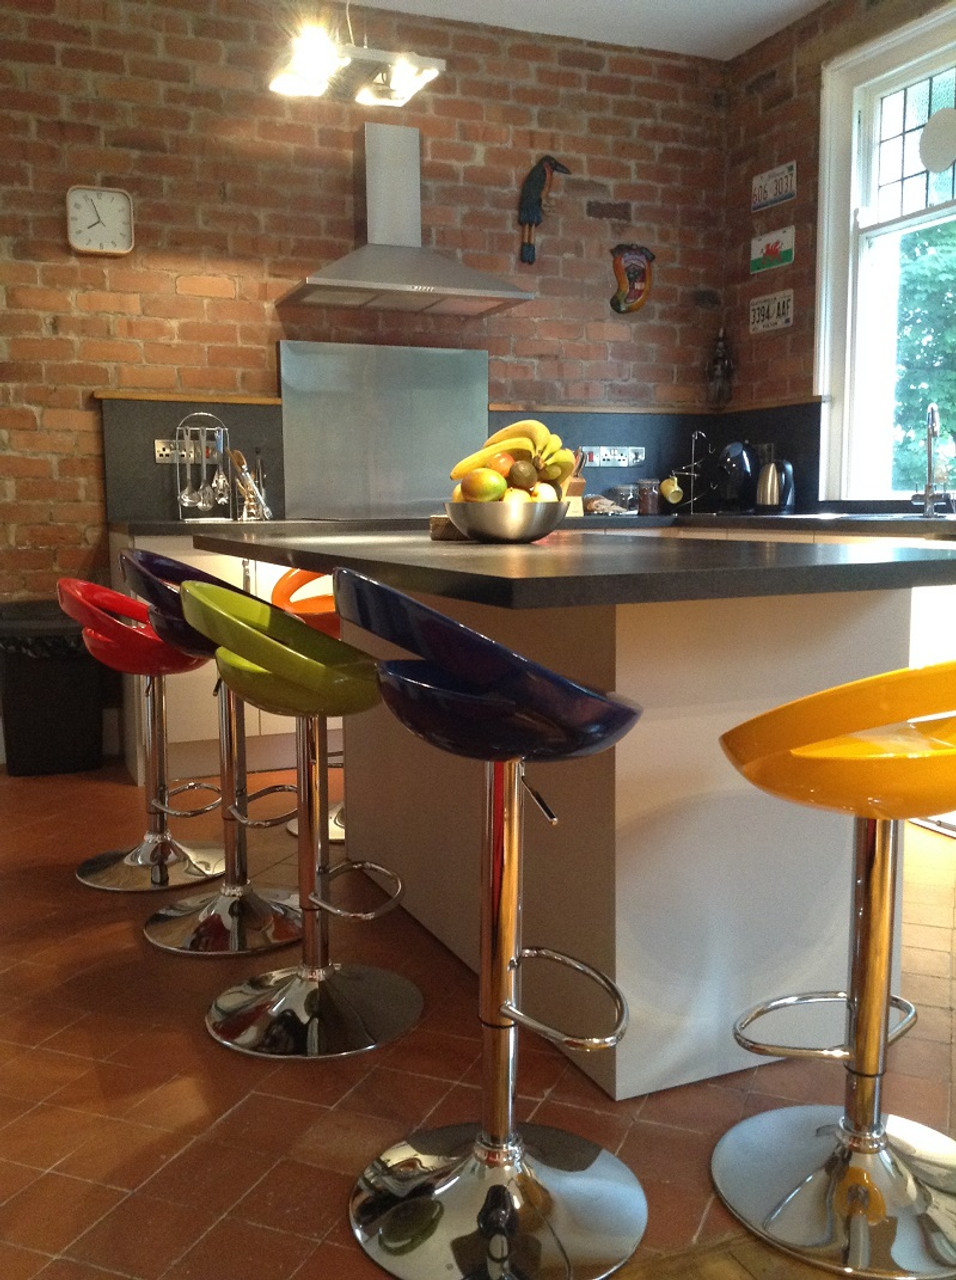 Sorrento Swivel Purple Bar Stool Simply Bar Stools : sorrentoswivelredgreenyellowpurple225455941499770784 from www.simplybarstools.co.uk size 800 x 1071 jpeg 298kB